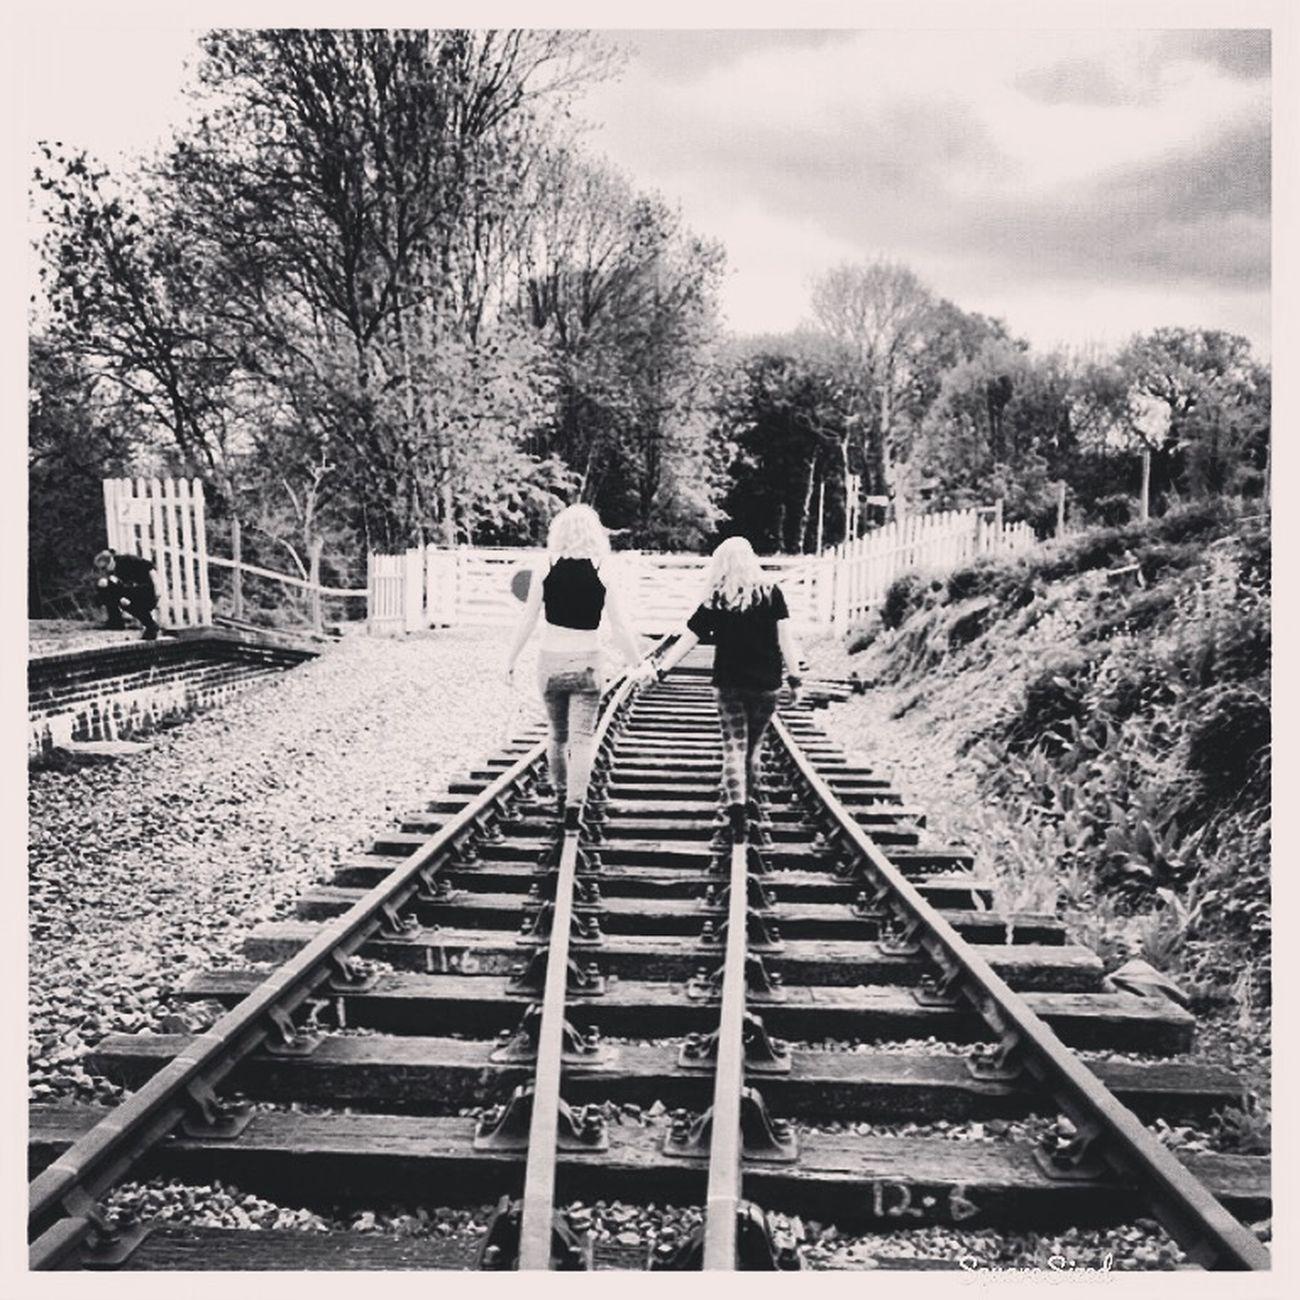 Bestfriend Train Tracks Bestfriend Handinhand